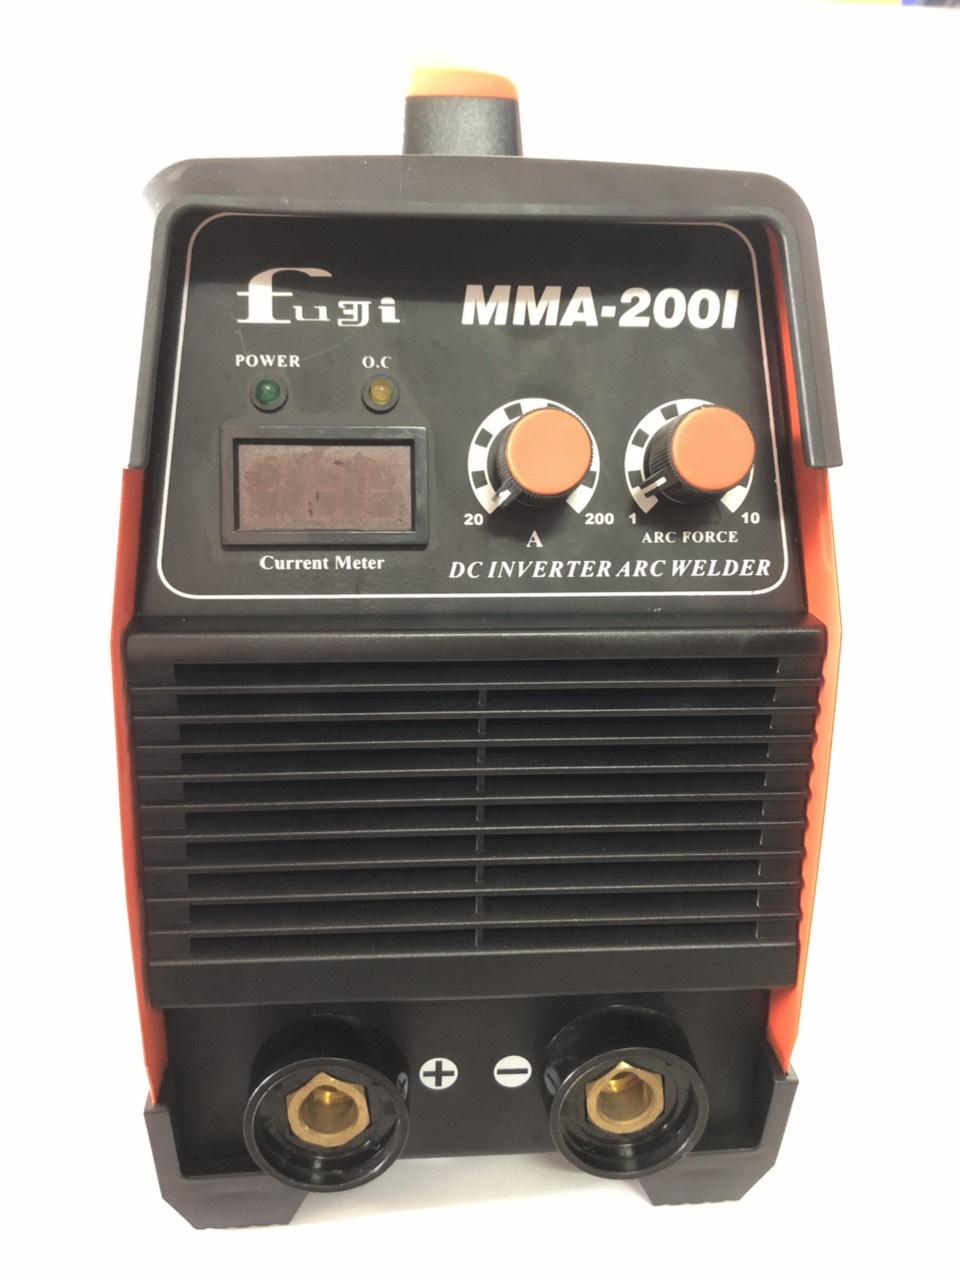 MÁY HÀN FUJI MMA-200I  -  Hàng Chính hãng